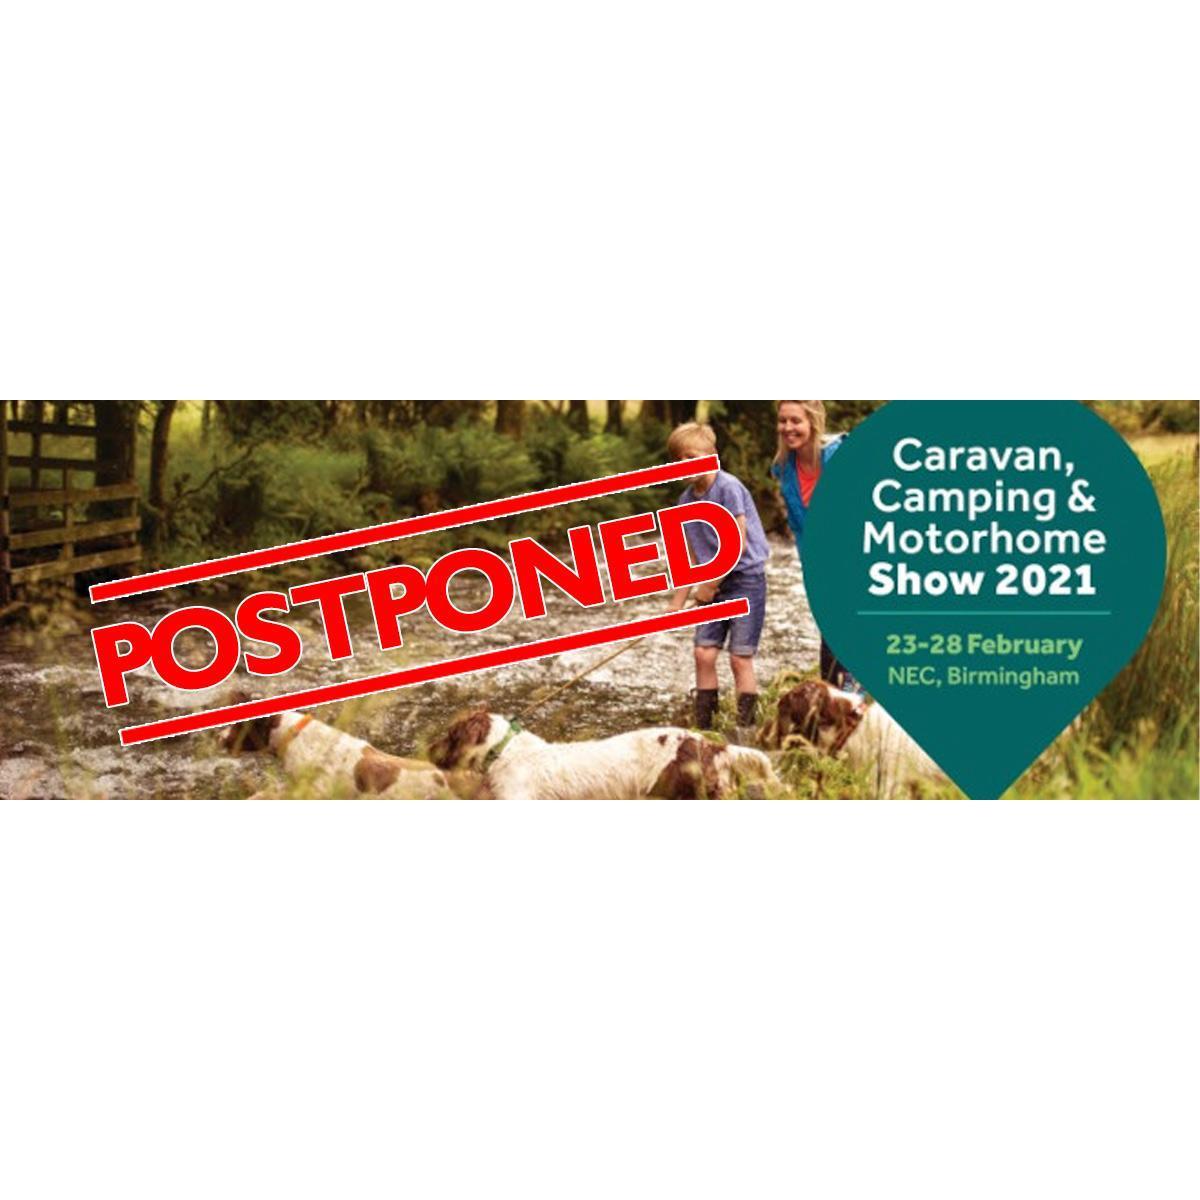 2021 Caravan, Camping & Motorhome Show to be Postponed